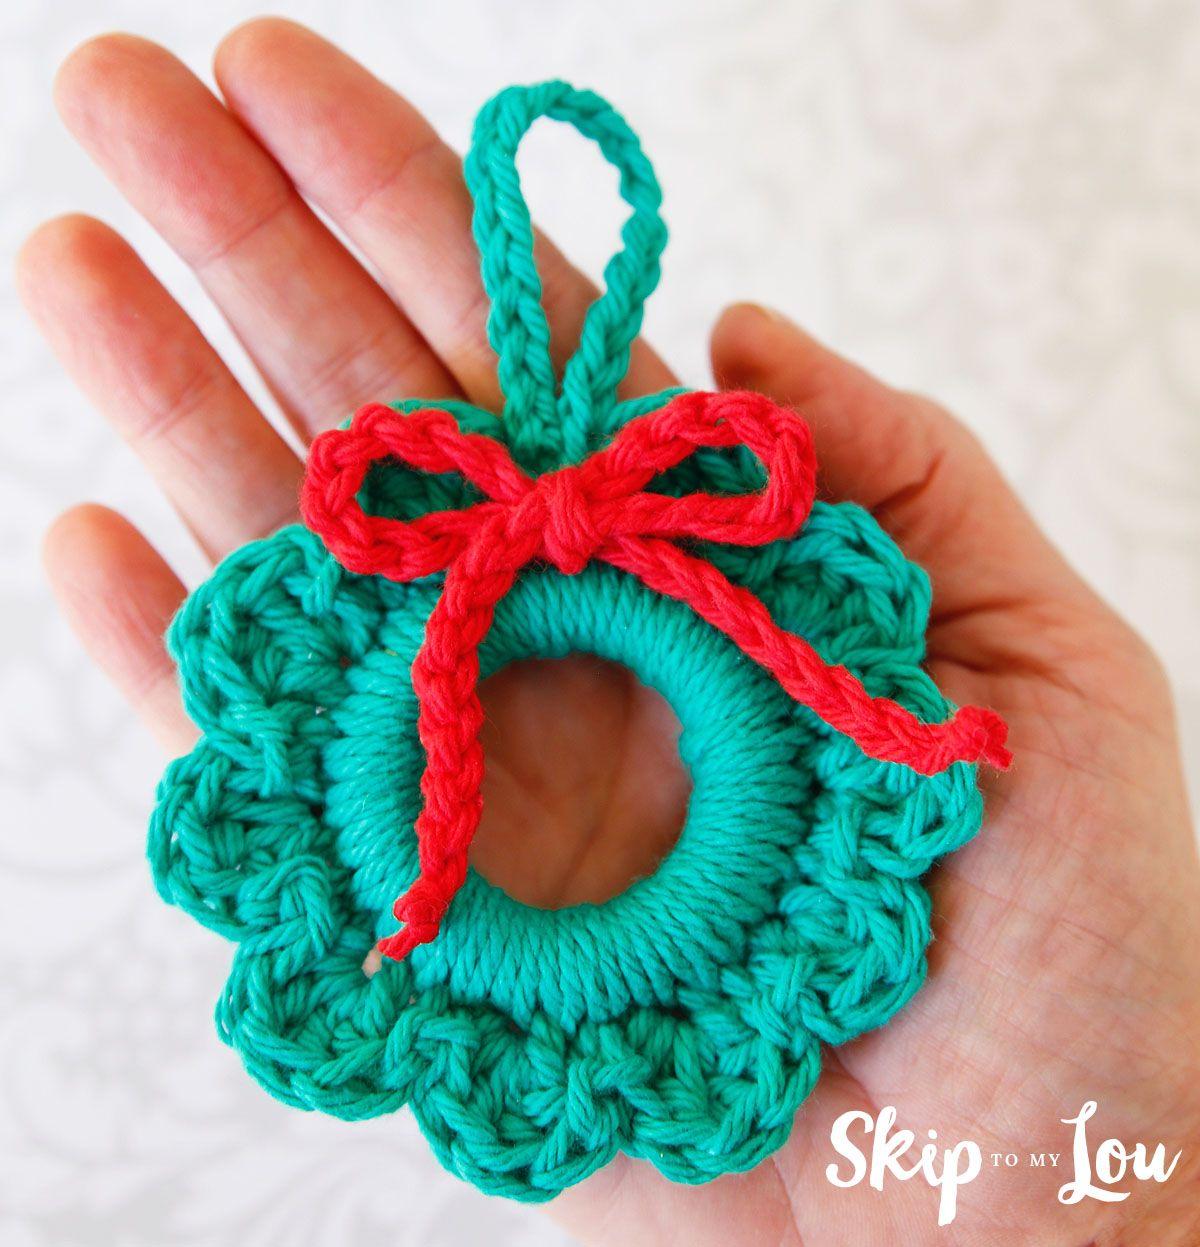 Easy Crochet Wreath Ornament Crochet Wreath Ornament Crochet Christmas Wreath Christmas Crochet Patterns